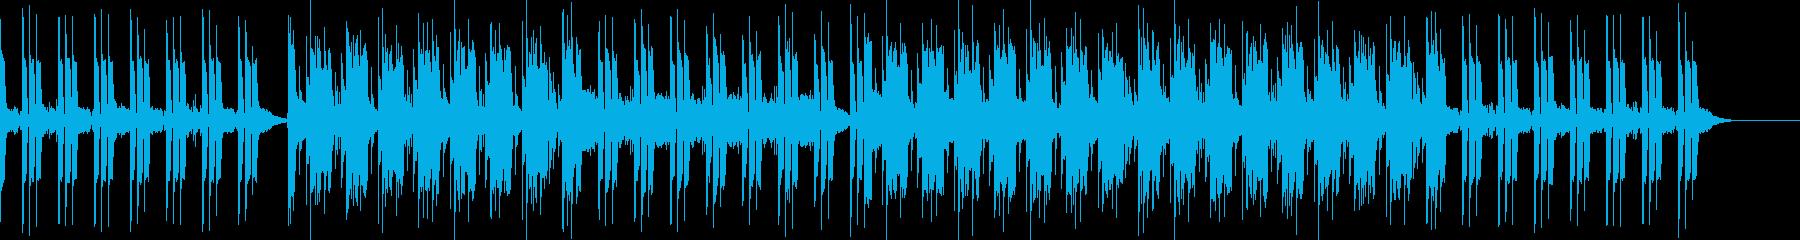 ホラー映画/サスペンス的不気味な曲の再生済みの波形